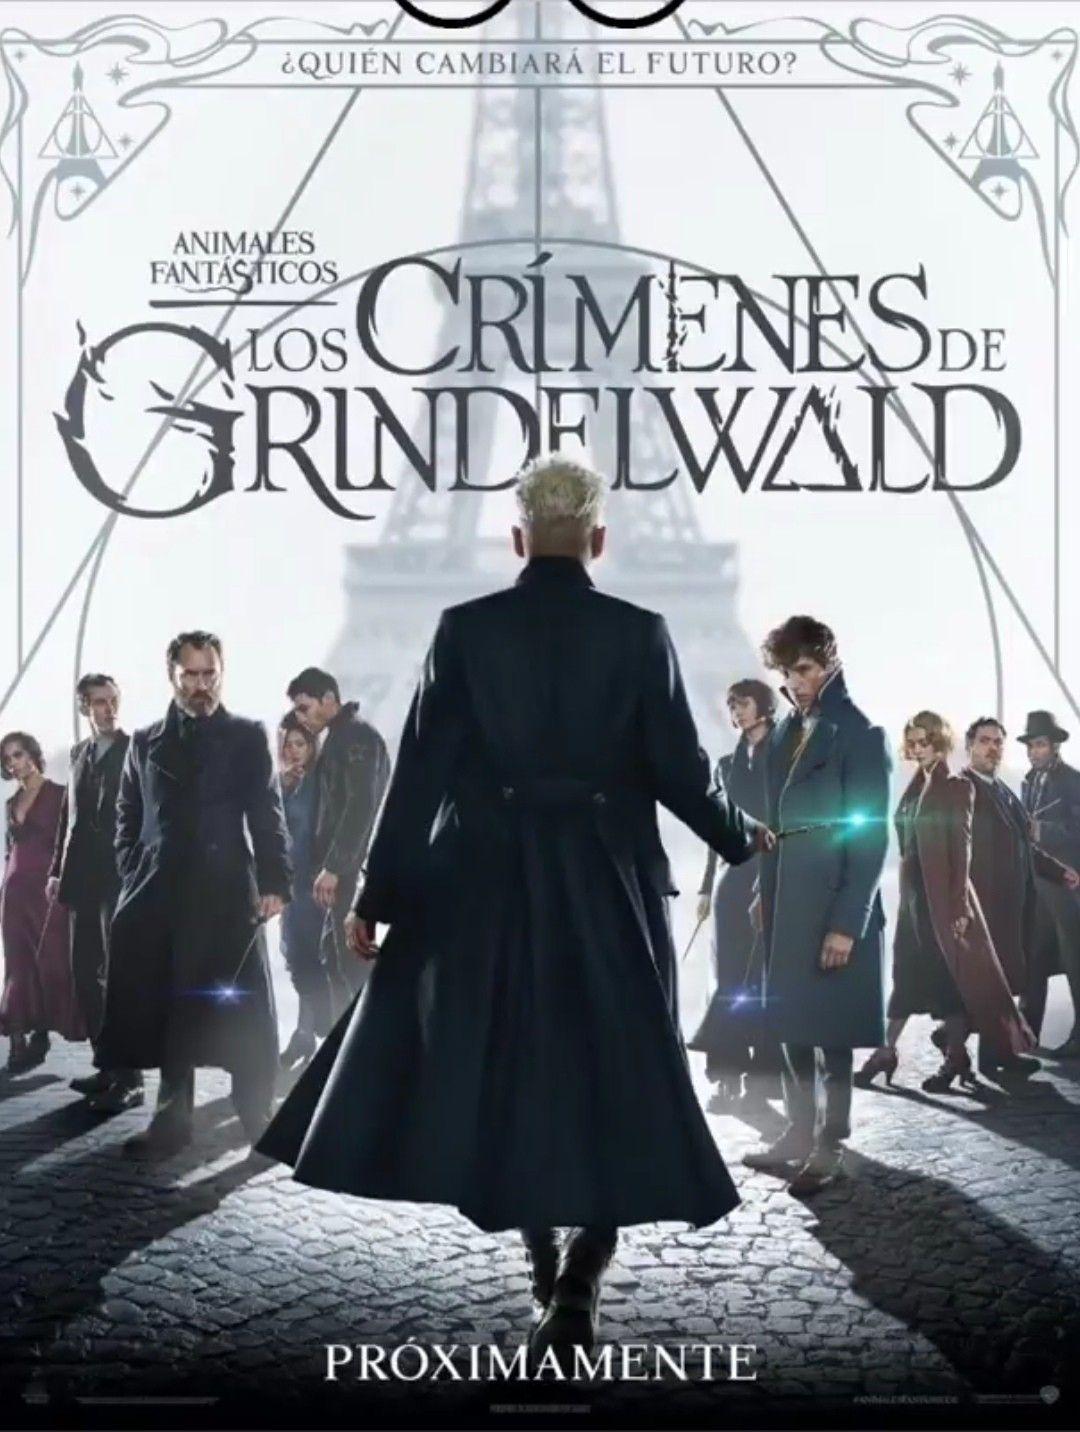 Regarder Animaux Fantastiques 2 Les Crimes De Grindelwald En Streaming Epingle Par Emilie Sur Harry Potter Les Animaux Fantastiques Les Animaux Fantastiques 2 Animaux Fantastiques